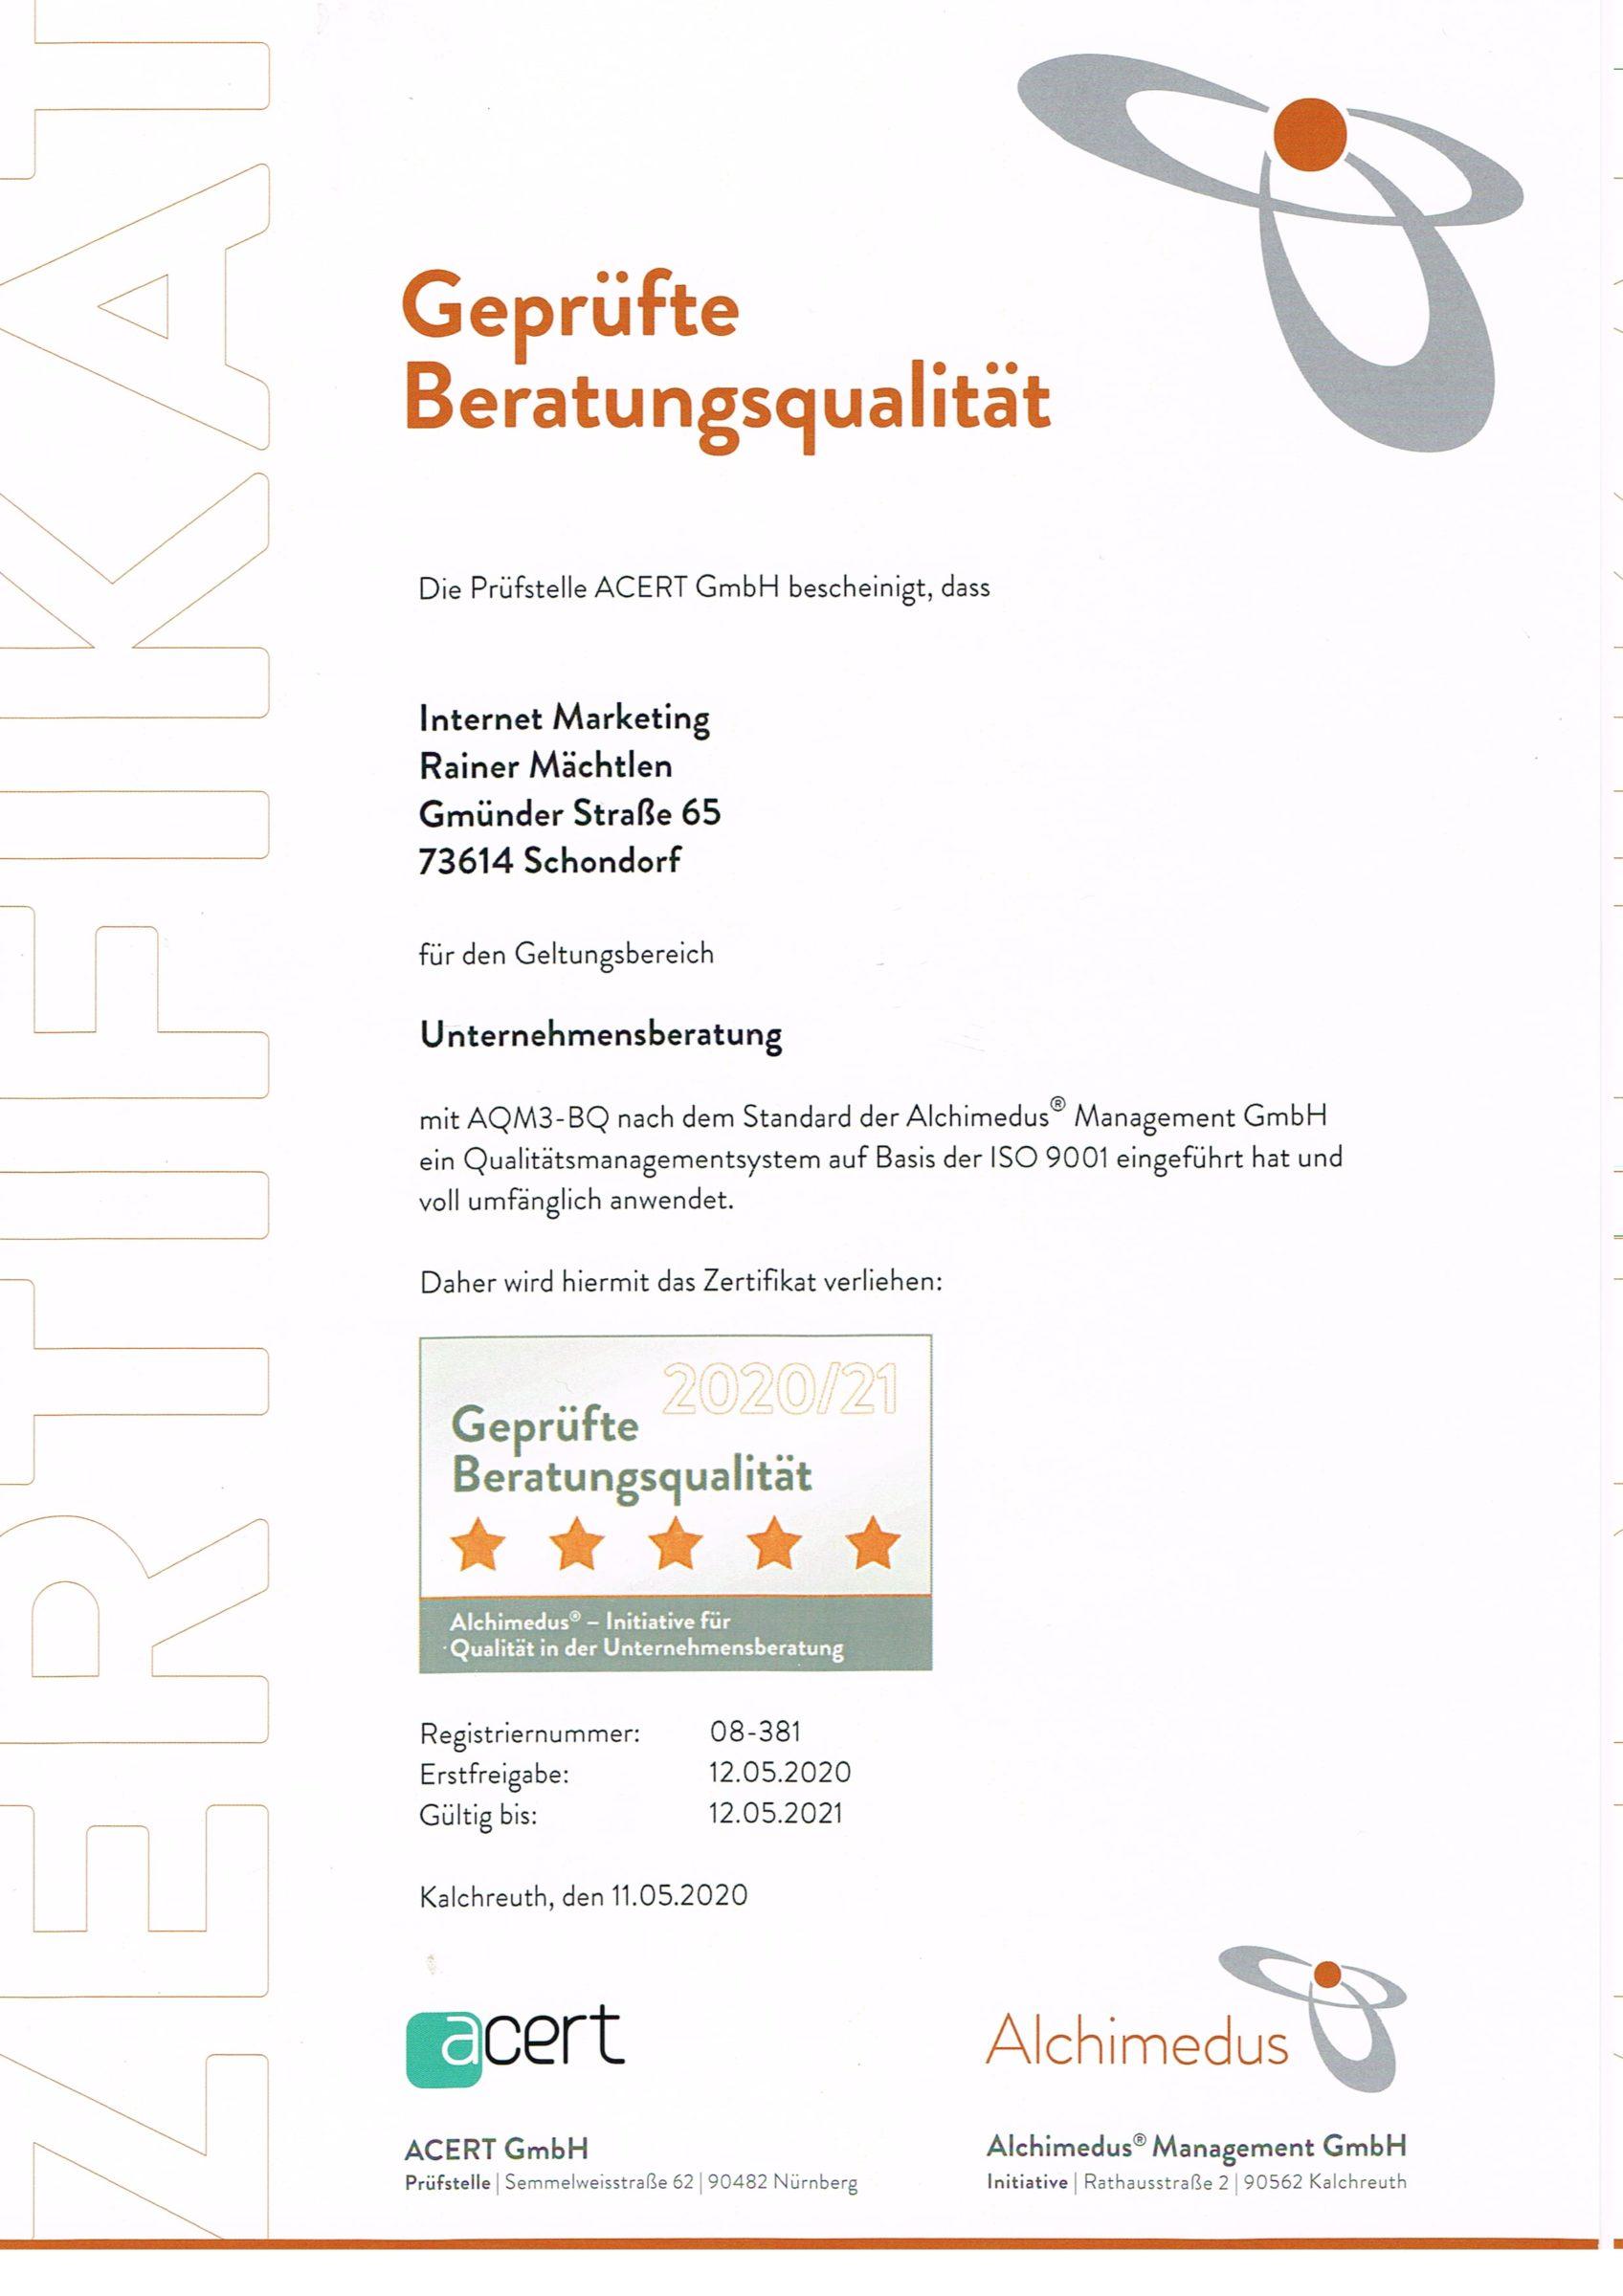 """Zertifikat der Prüfstelle ACERT GmbH über """"Geprüfte Beratungsqualität"""""""